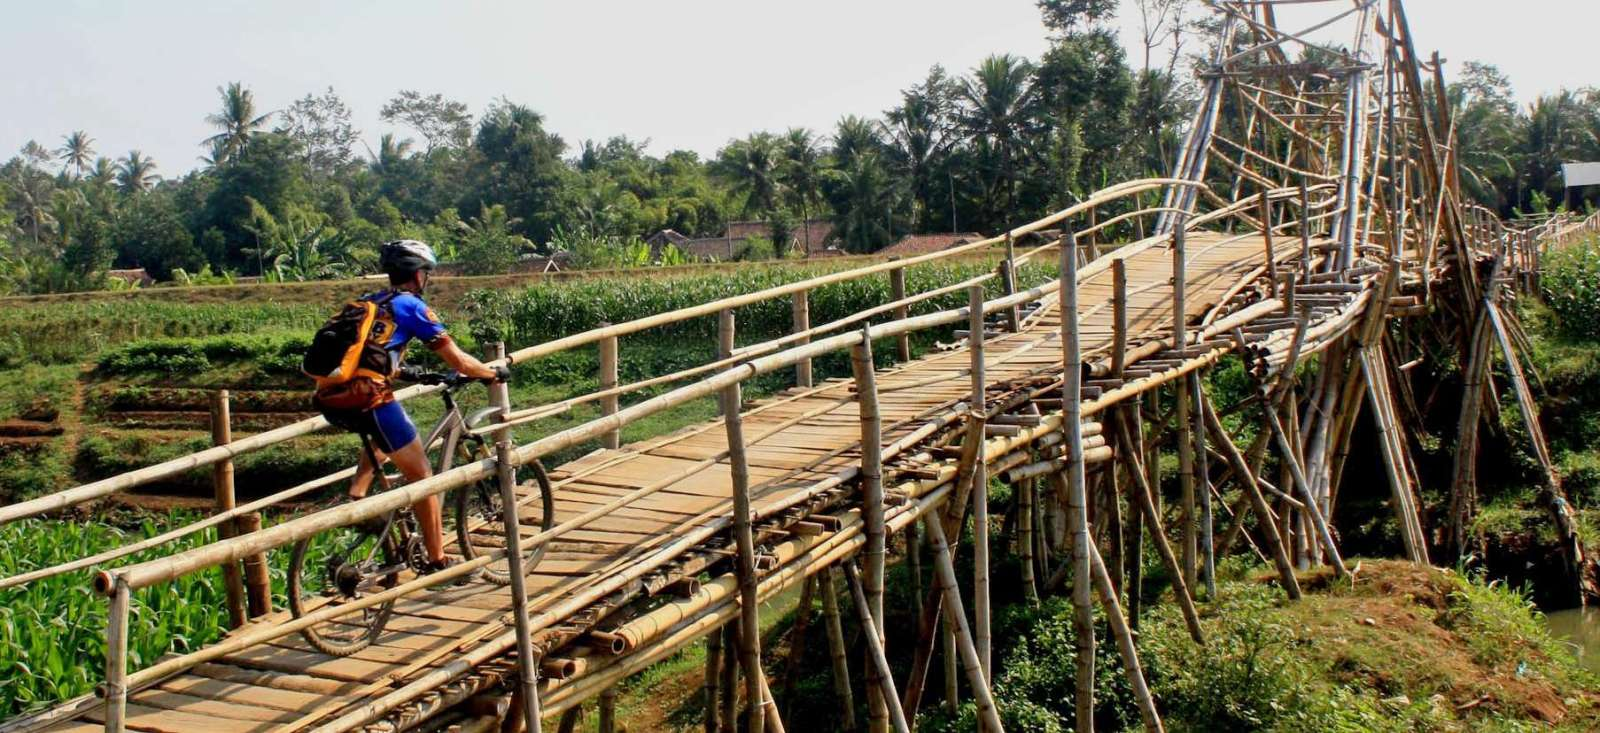 Voyage à vélo : Belle échappée de Java à Bali (VTT)